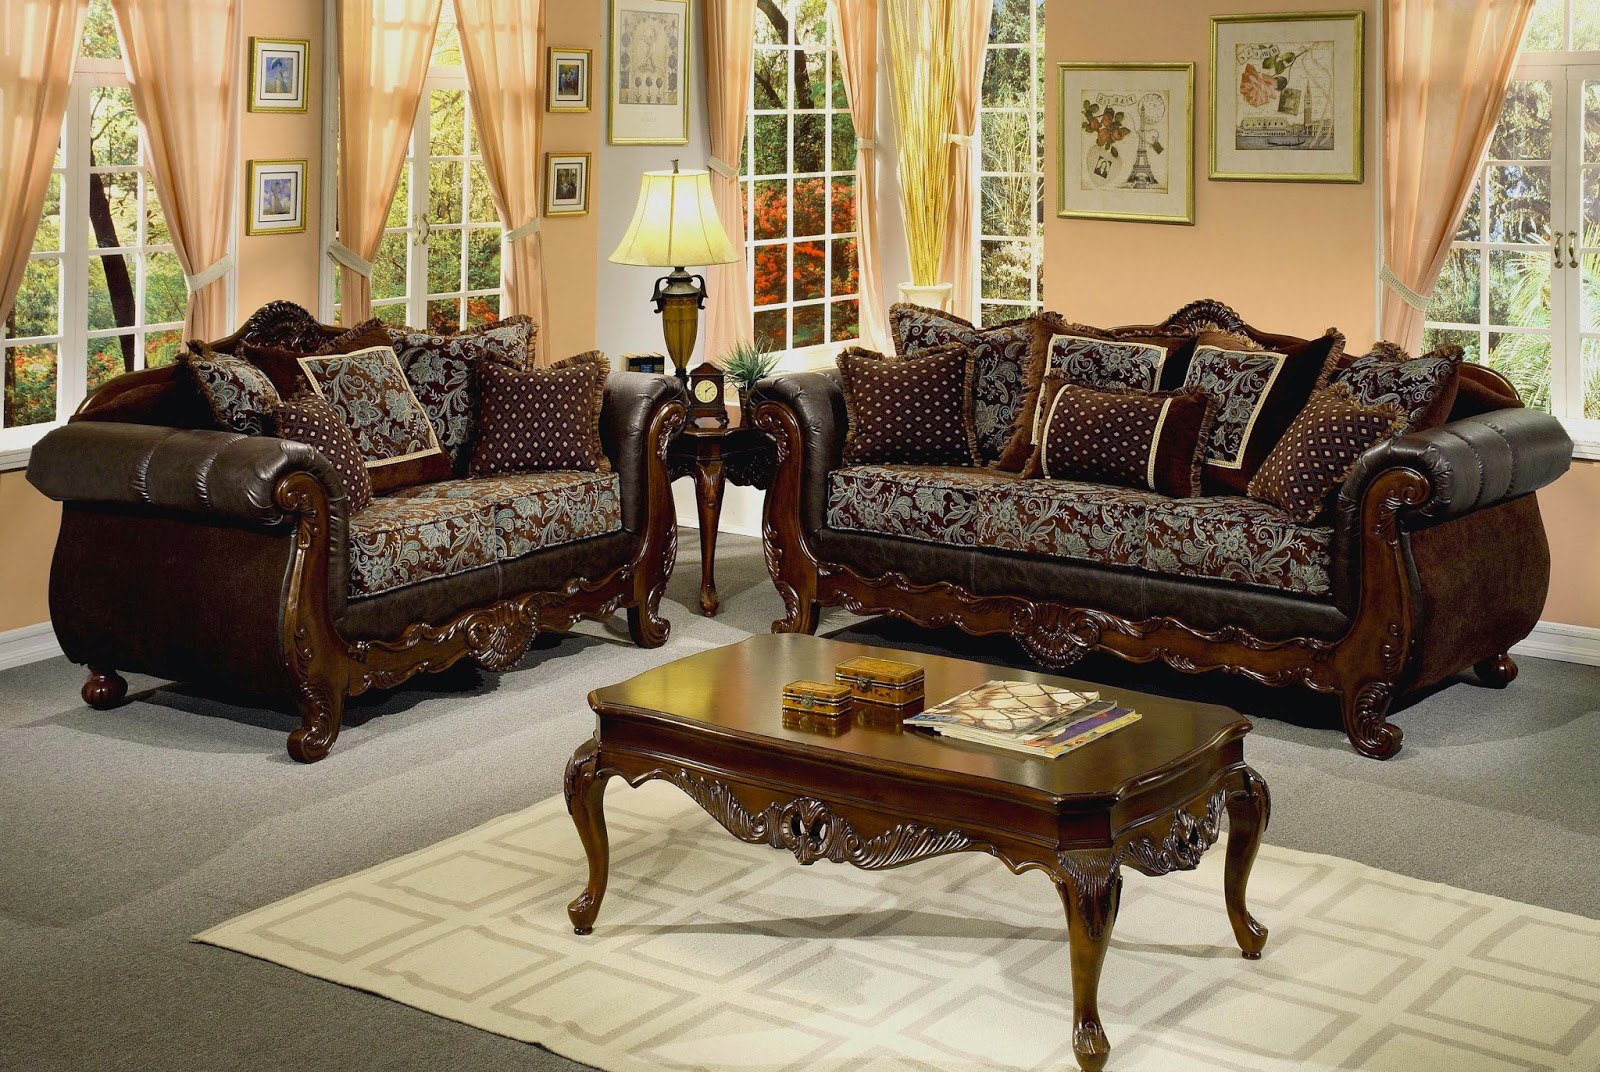 jasa service furniture mebel di jakarta